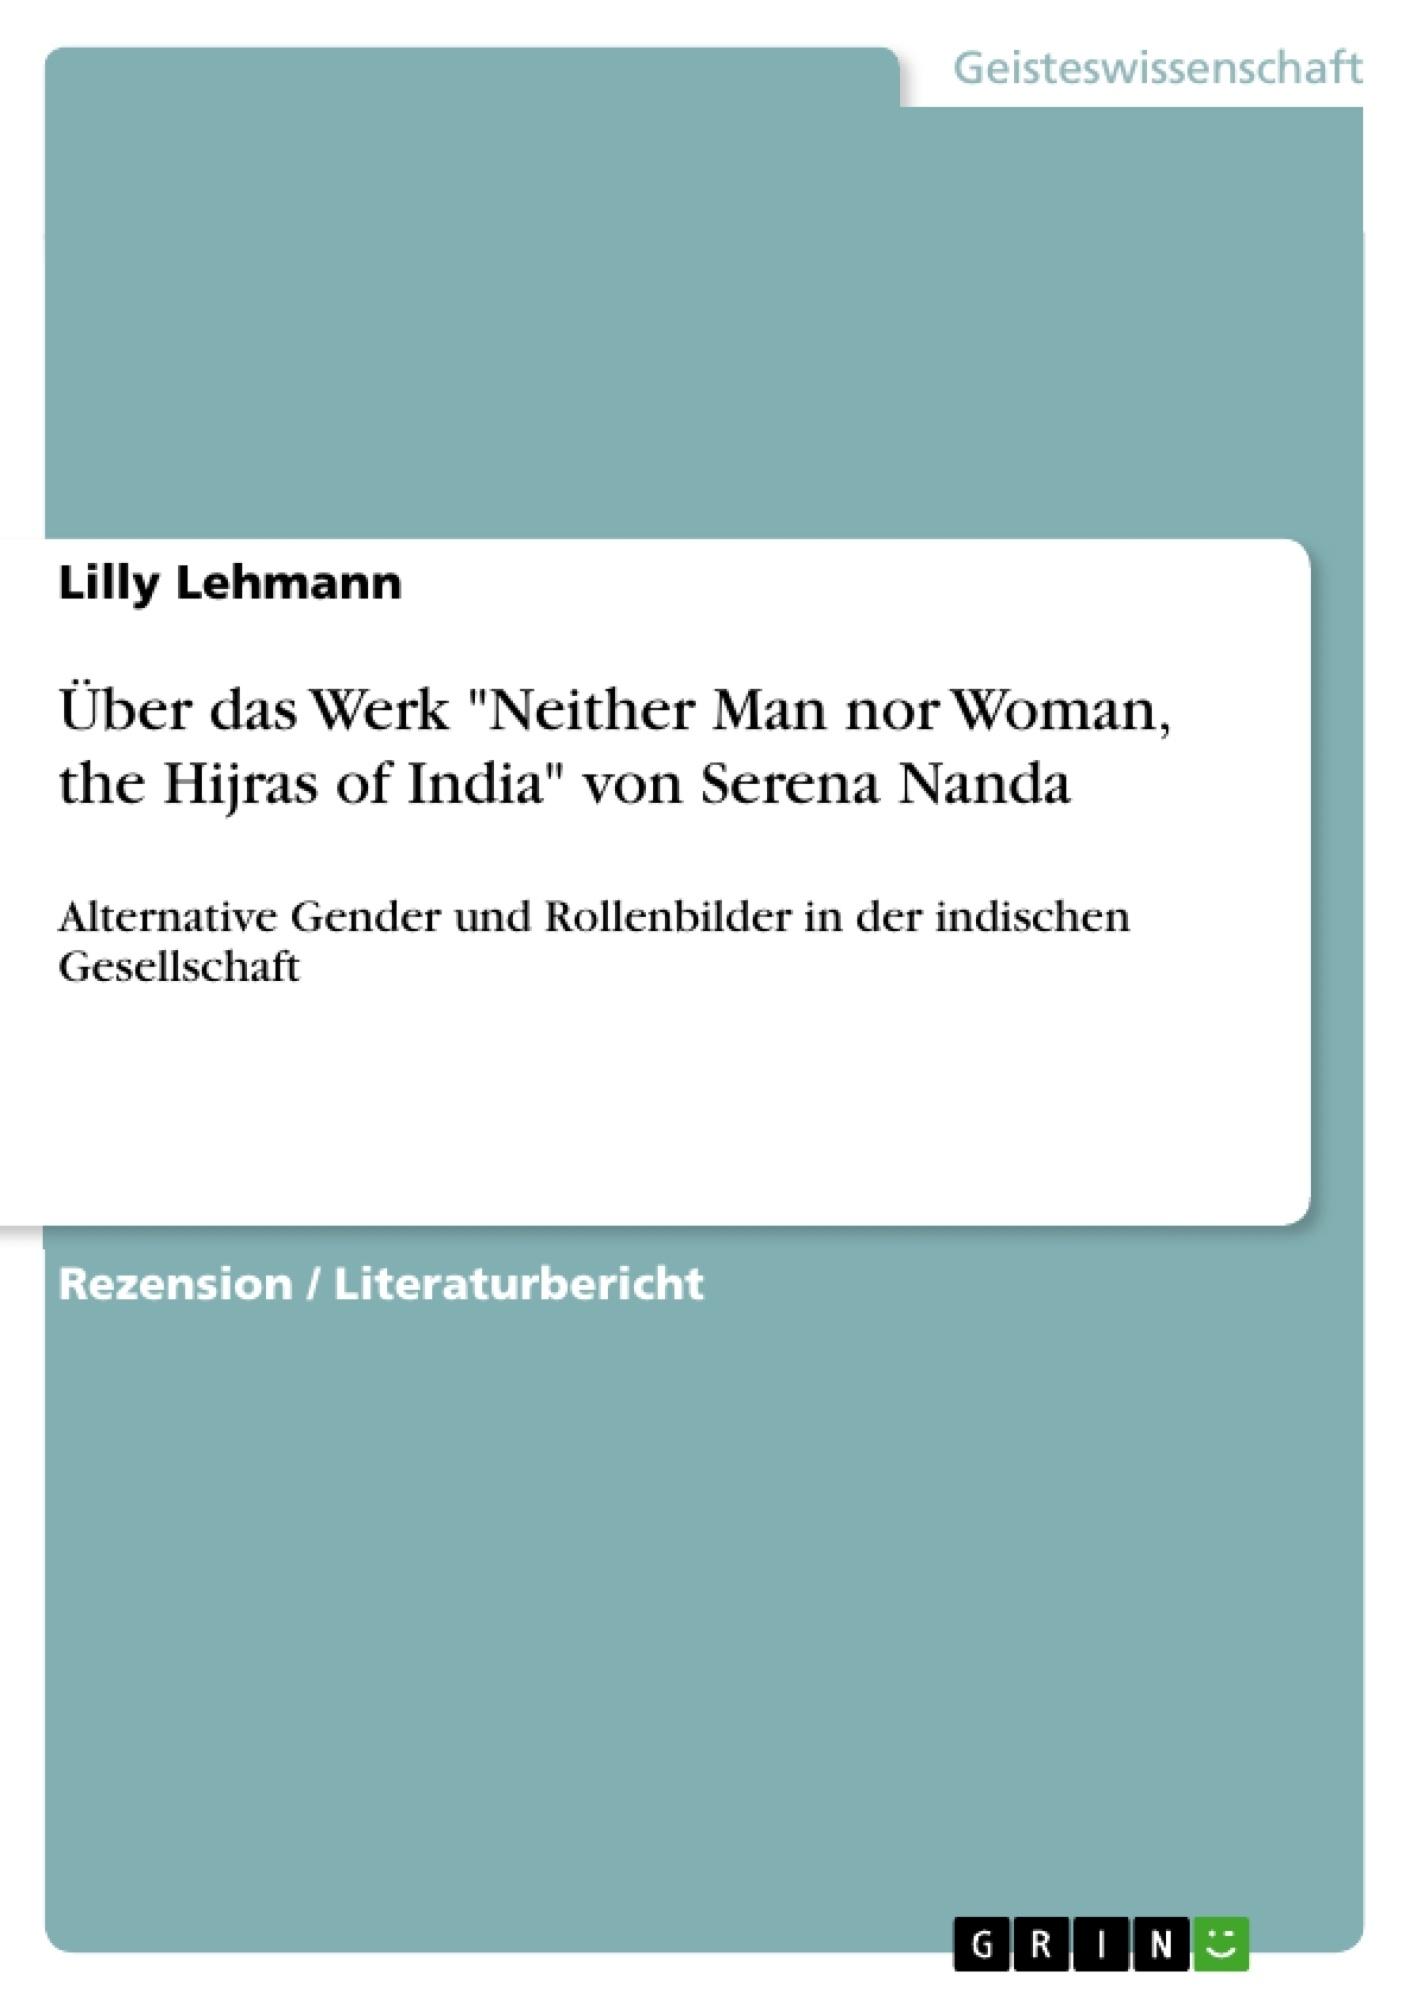 """Titel: Über das Werk """"Neither Man nor Woman, the Hijras of India"""" von Serena Nanda"""